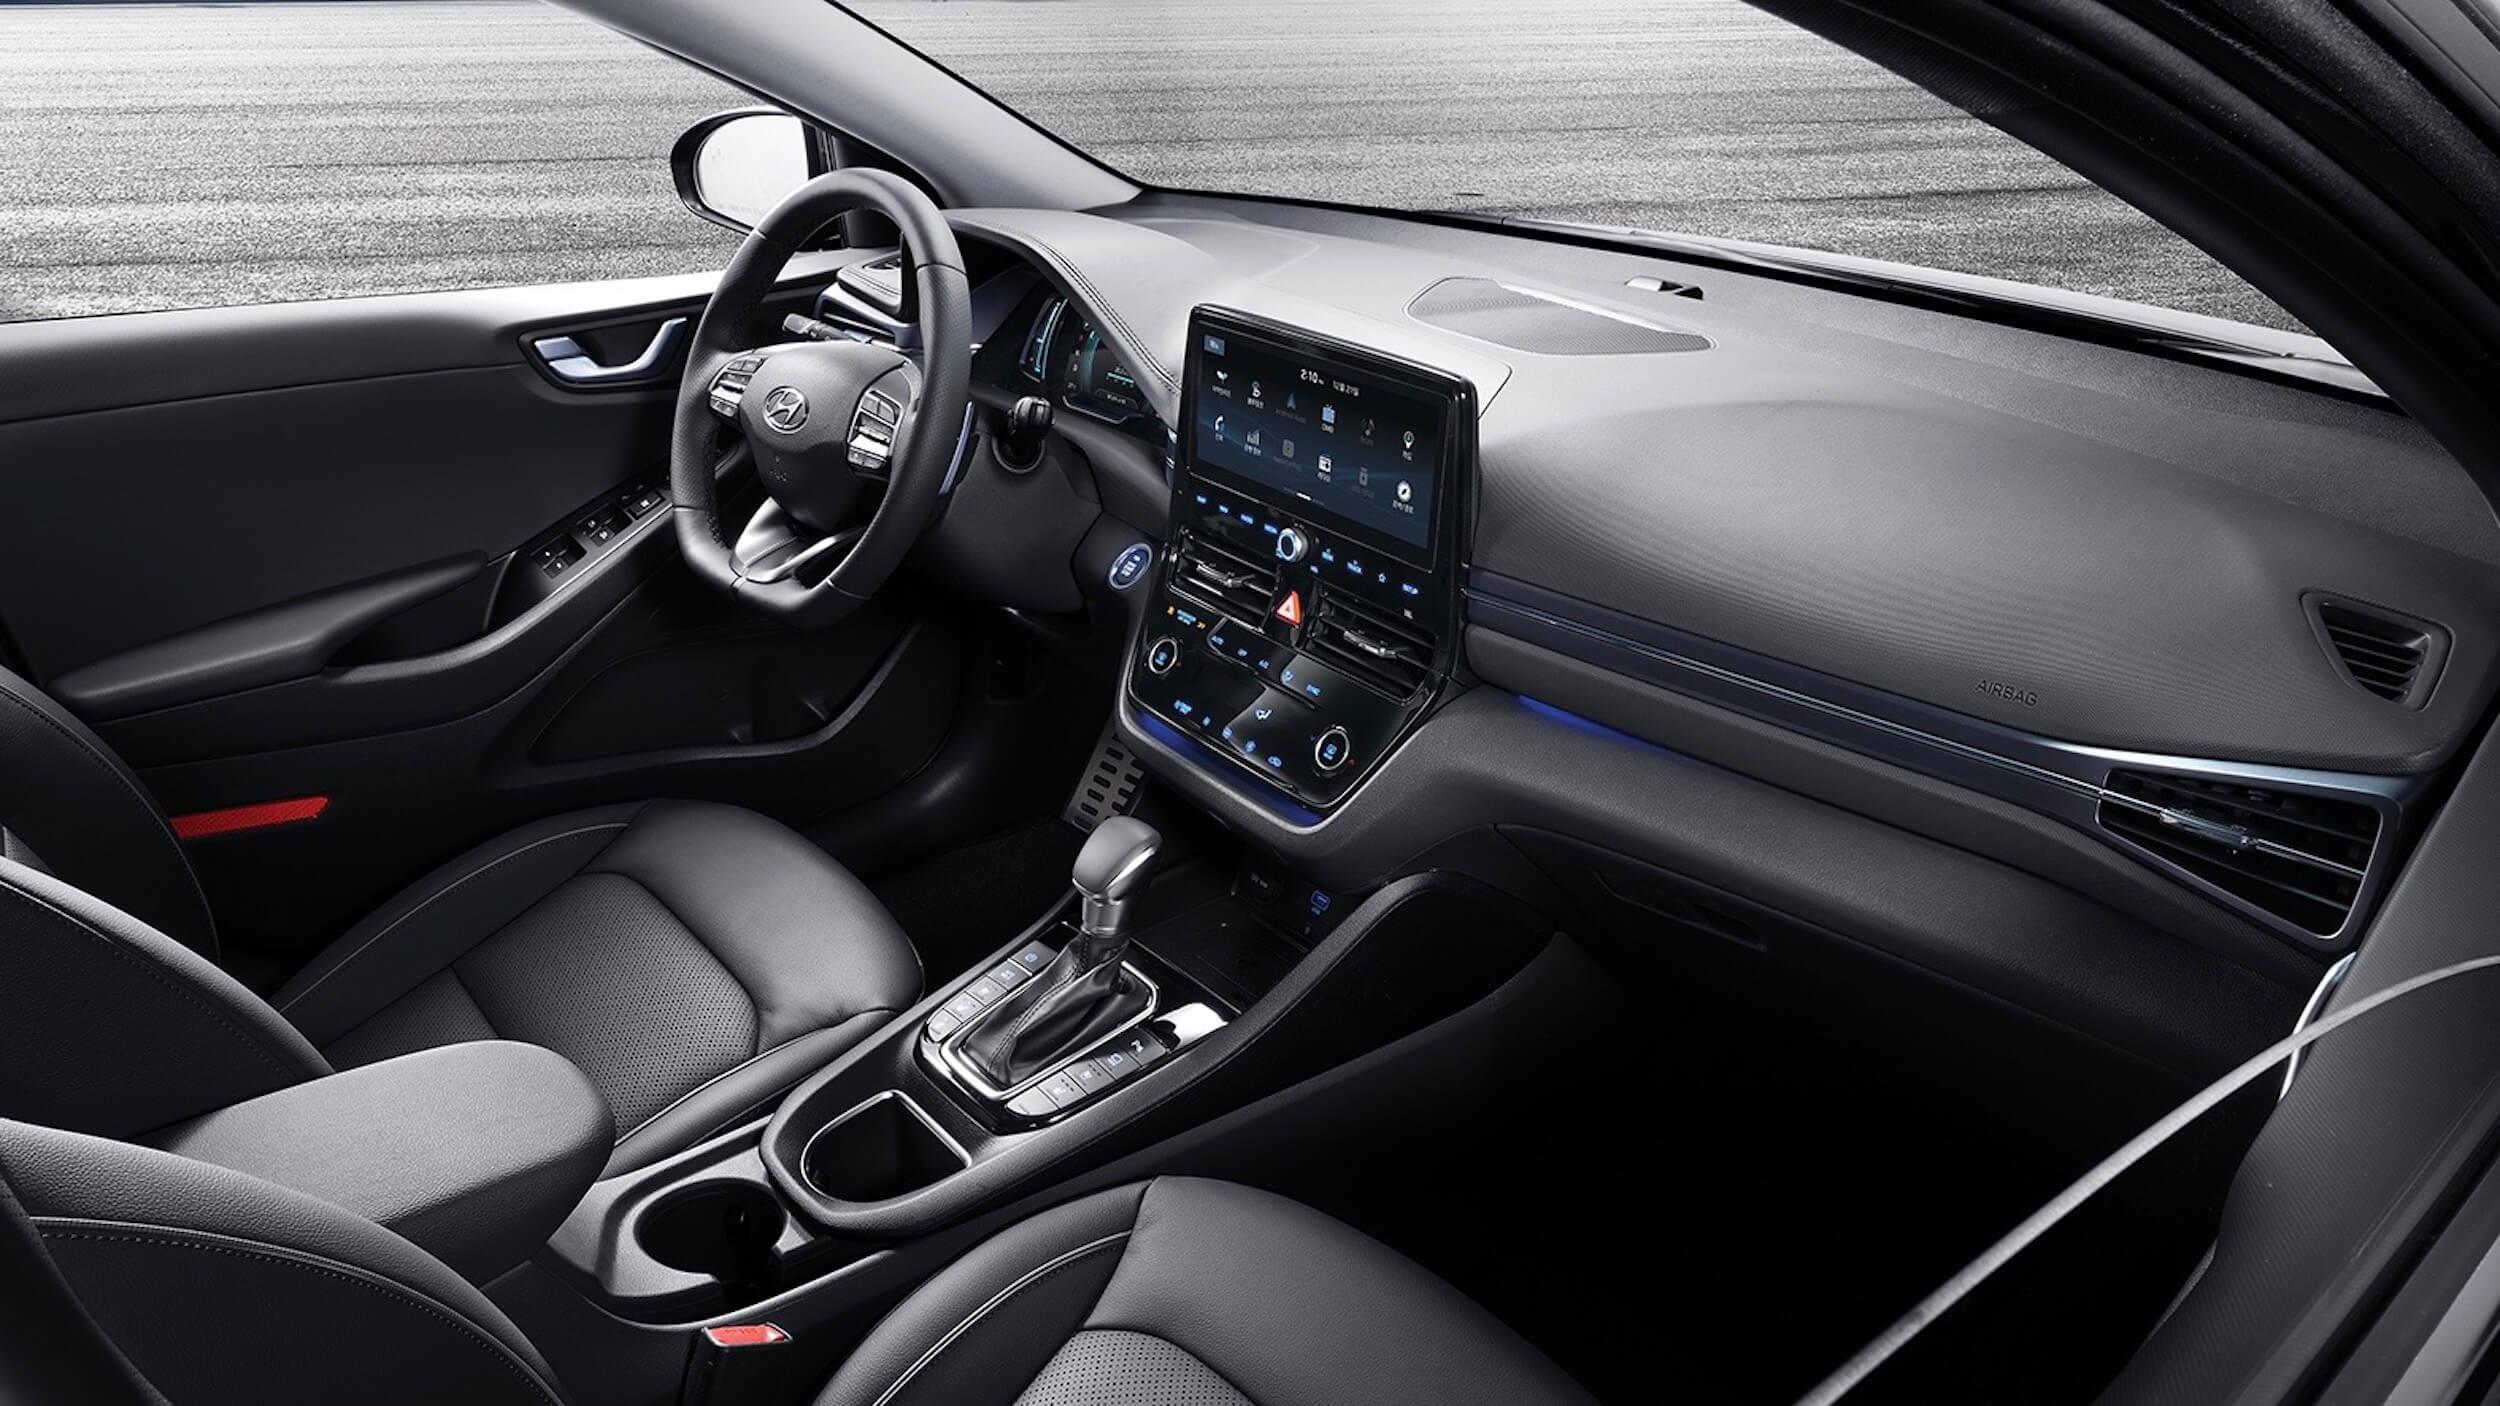 2019 novo Hyundai Ioniq interior